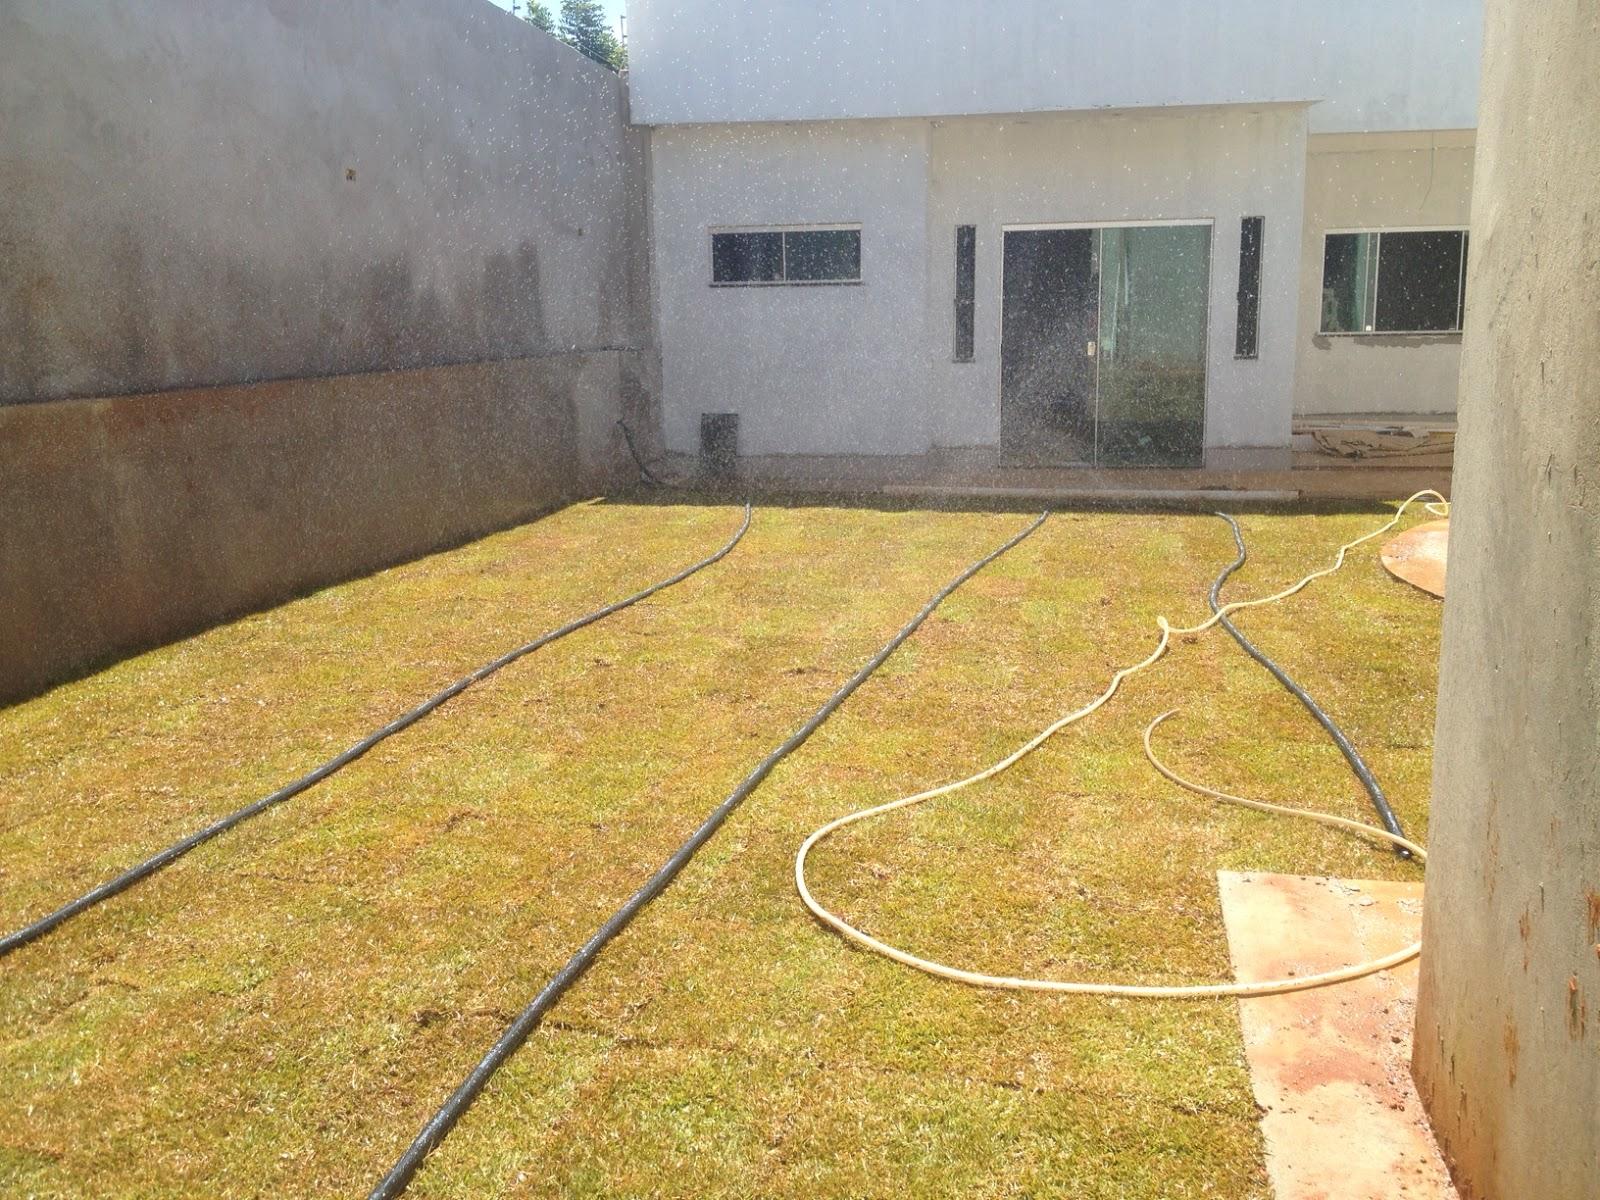 jardim fundo quintal : jardim fundo quintal:Quintal já com a grama. Olhando a parte de traz da casa. Aquela é a